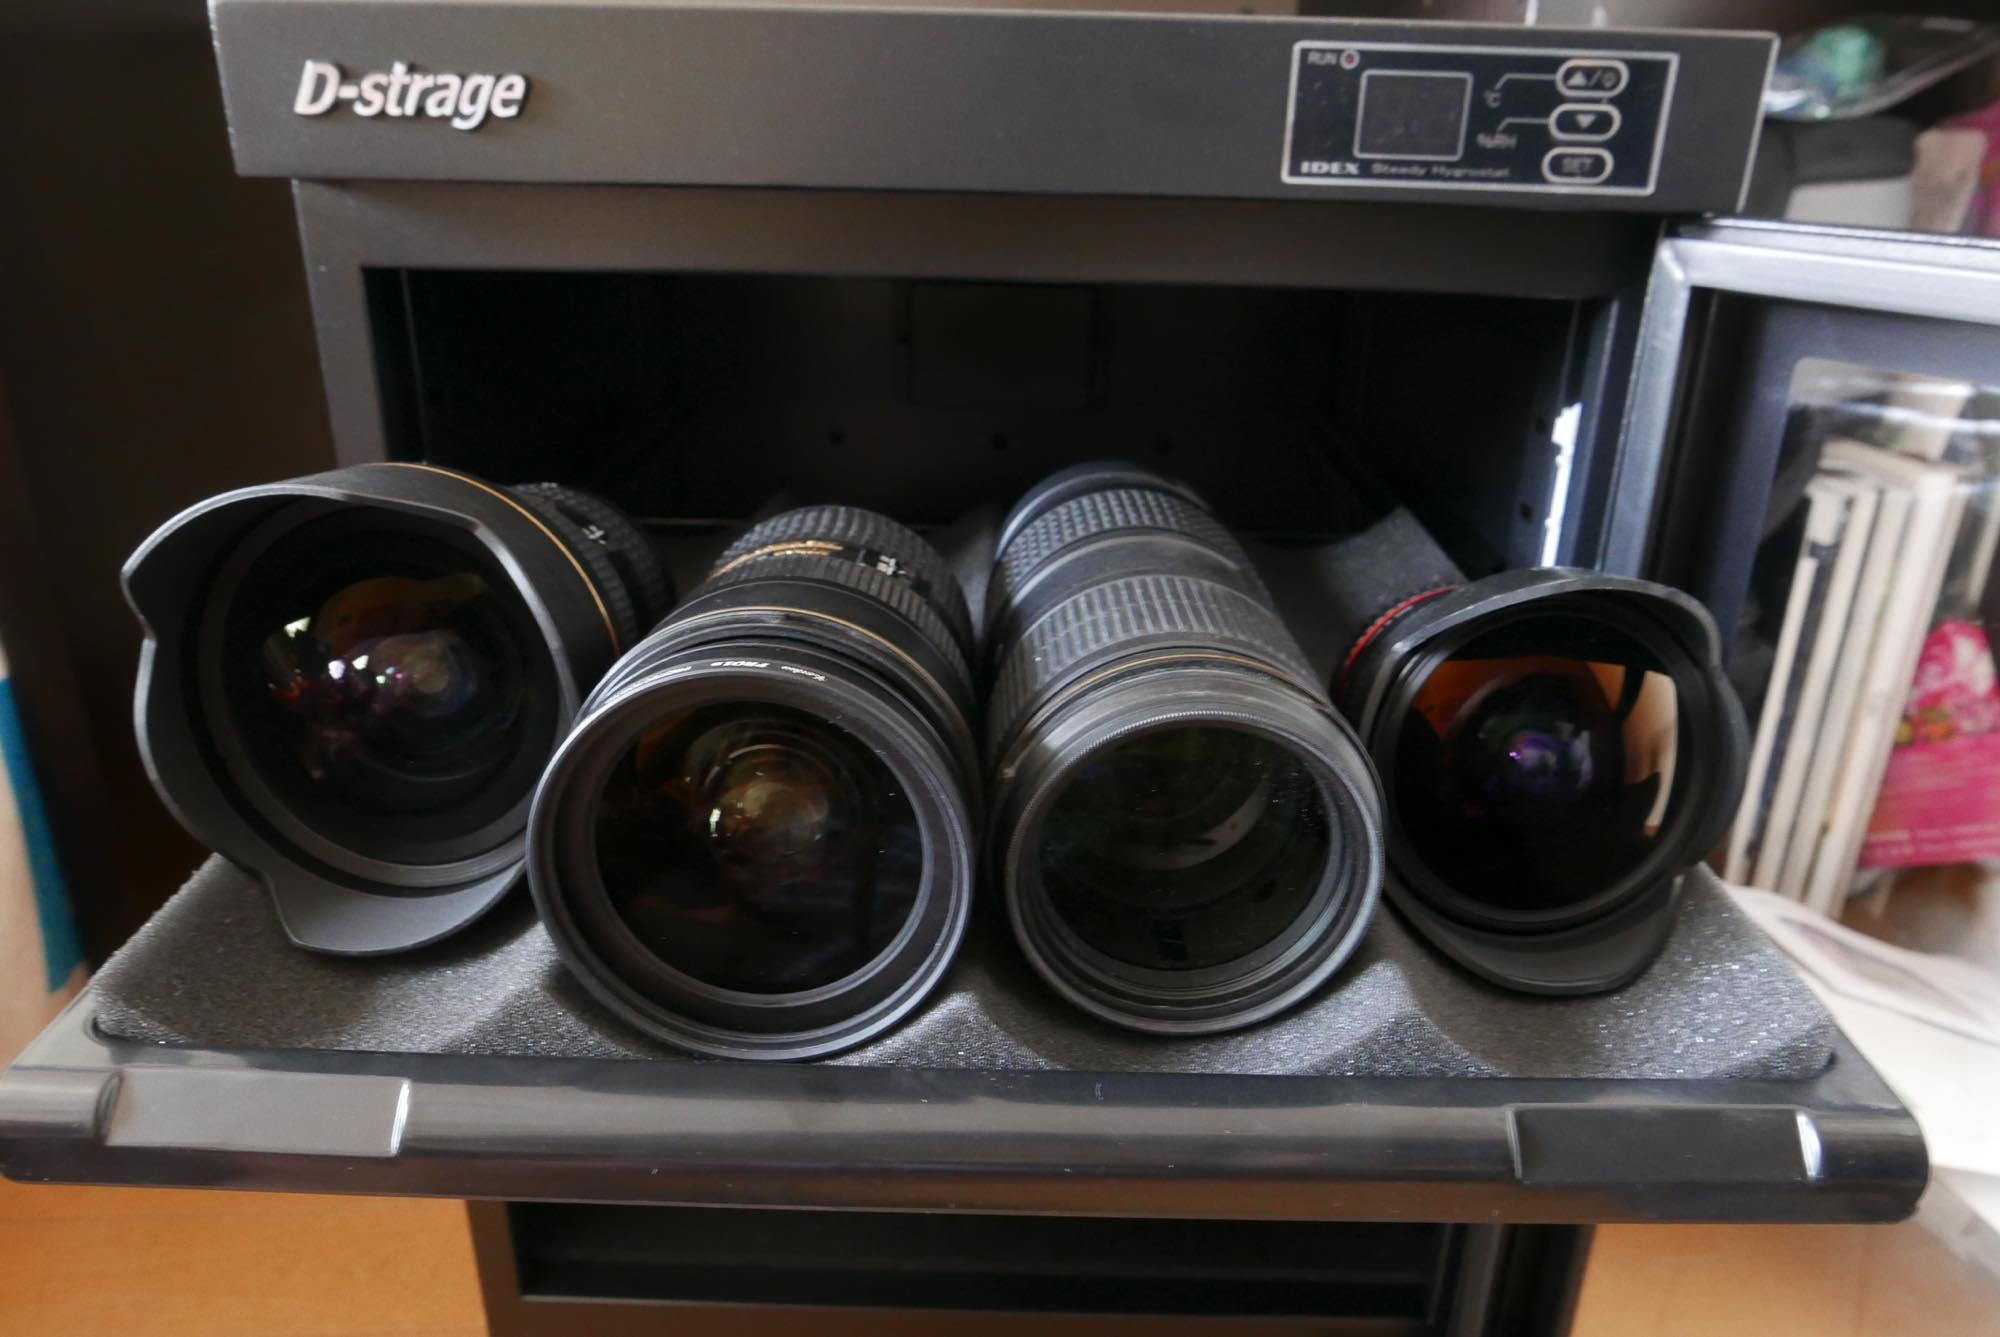 2017年に僕が狙っているカメラとレンズはこれだ!(ニコンユーザー限定)